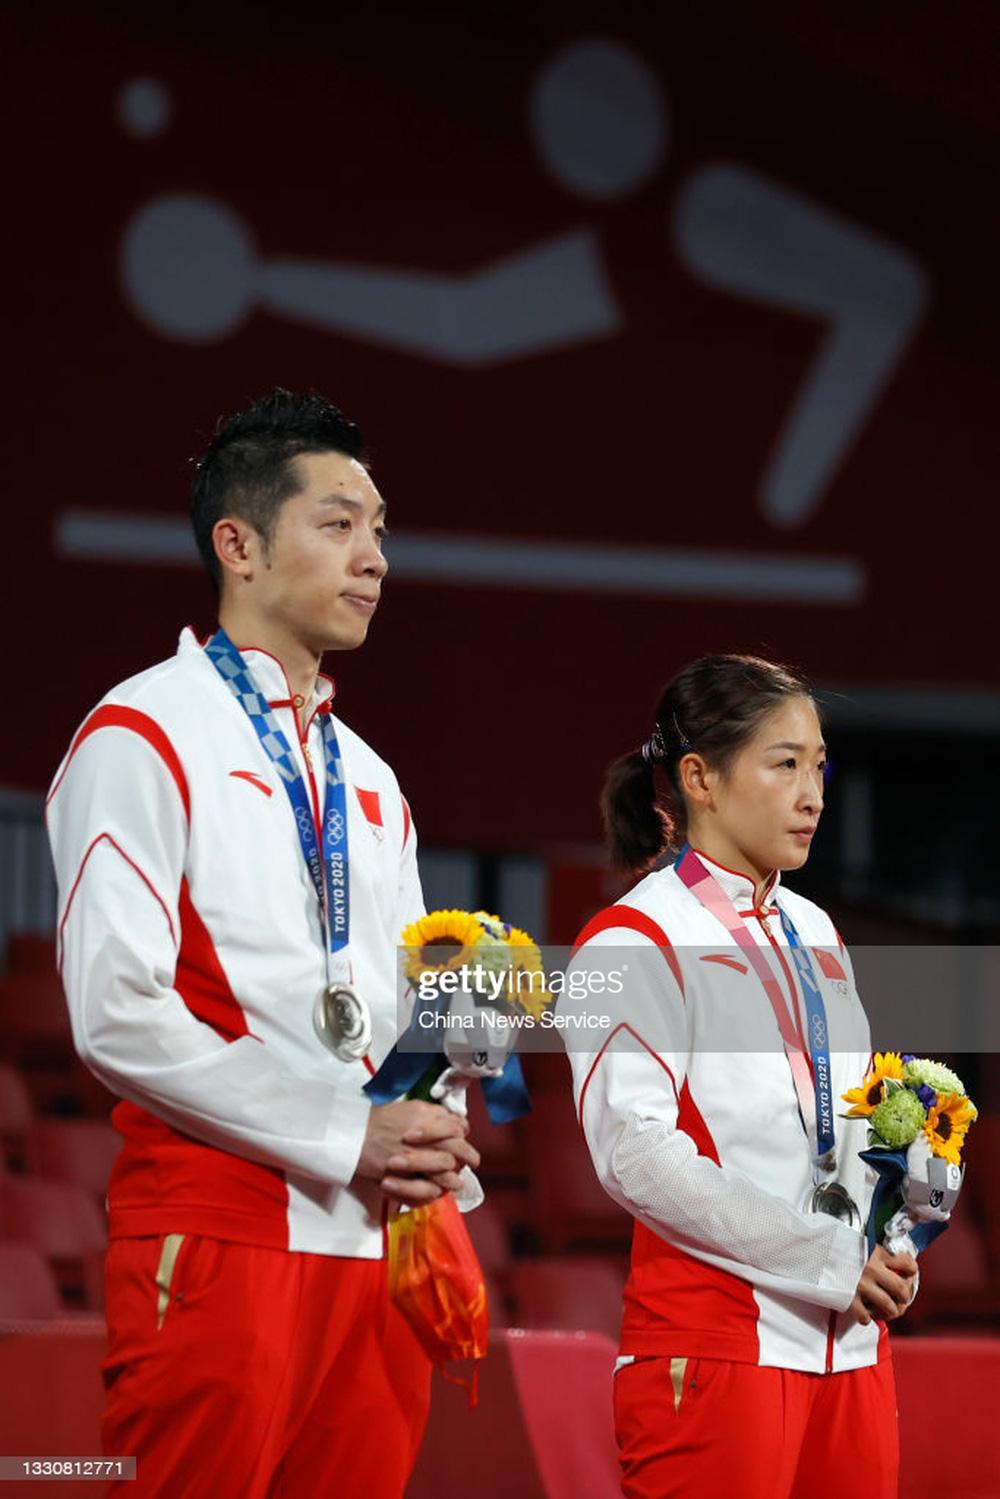 Trung Quốc nhận 3 thất bại khó nuốt tại Olympic, mất 3 HCV tưởng như đã nắm chắc trong tay - Ảnh 2.